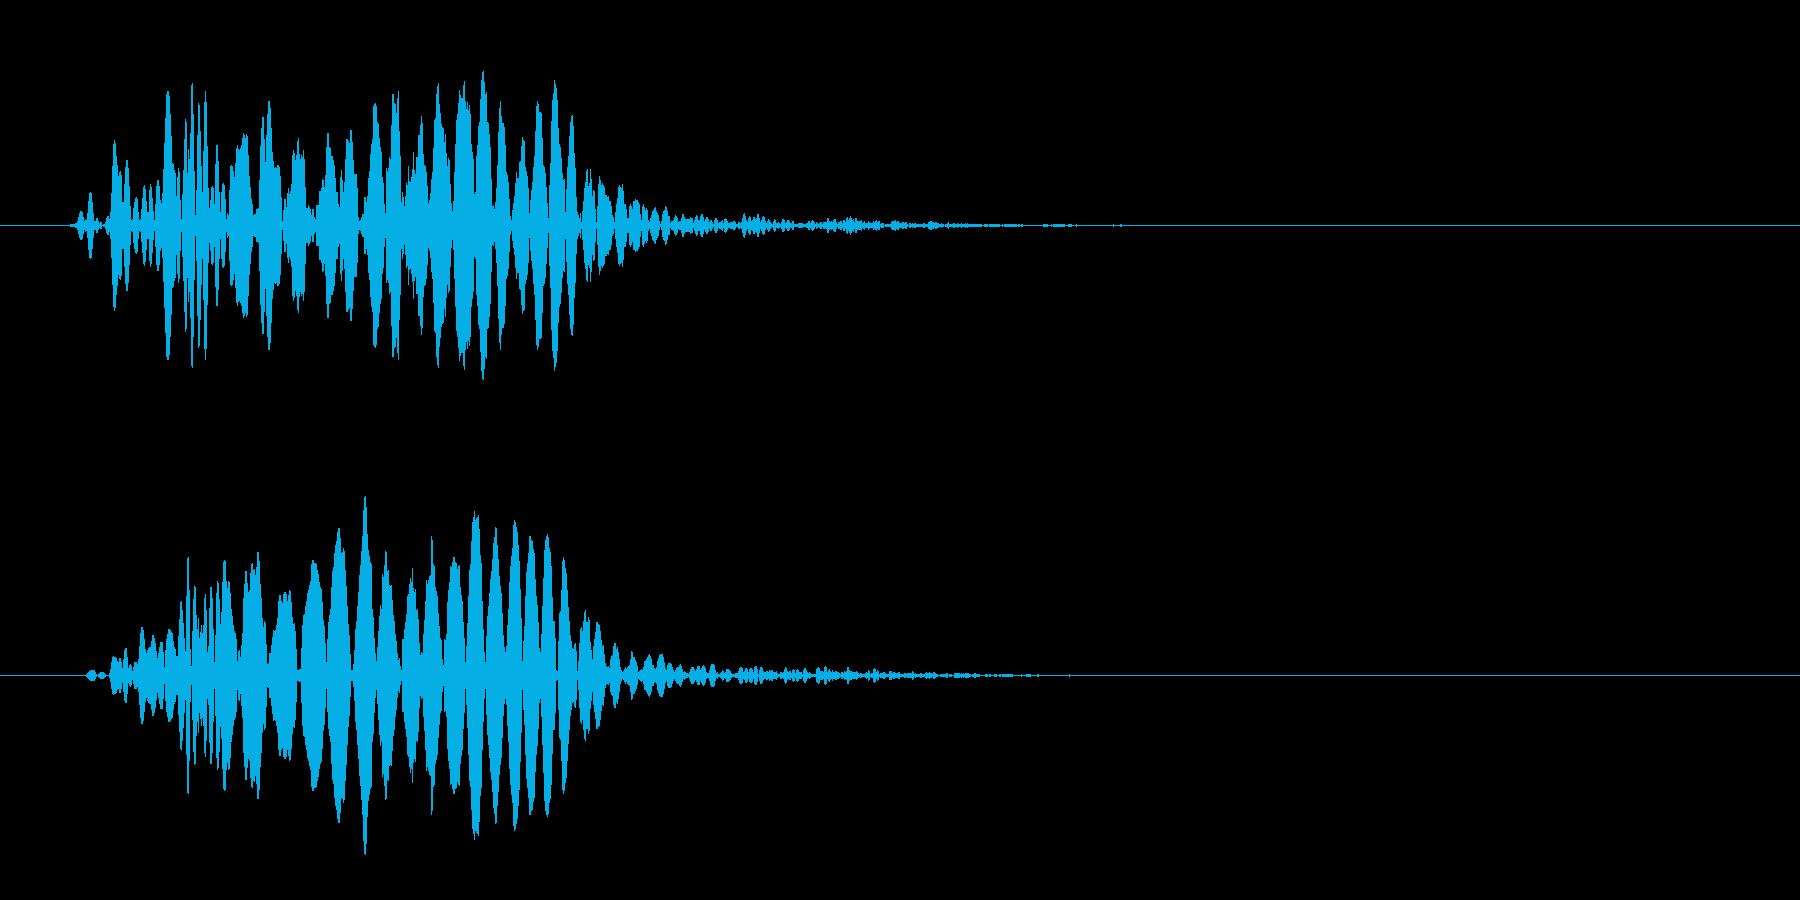 ドン(ジャンプした後に着地した音)の再生済みの波形